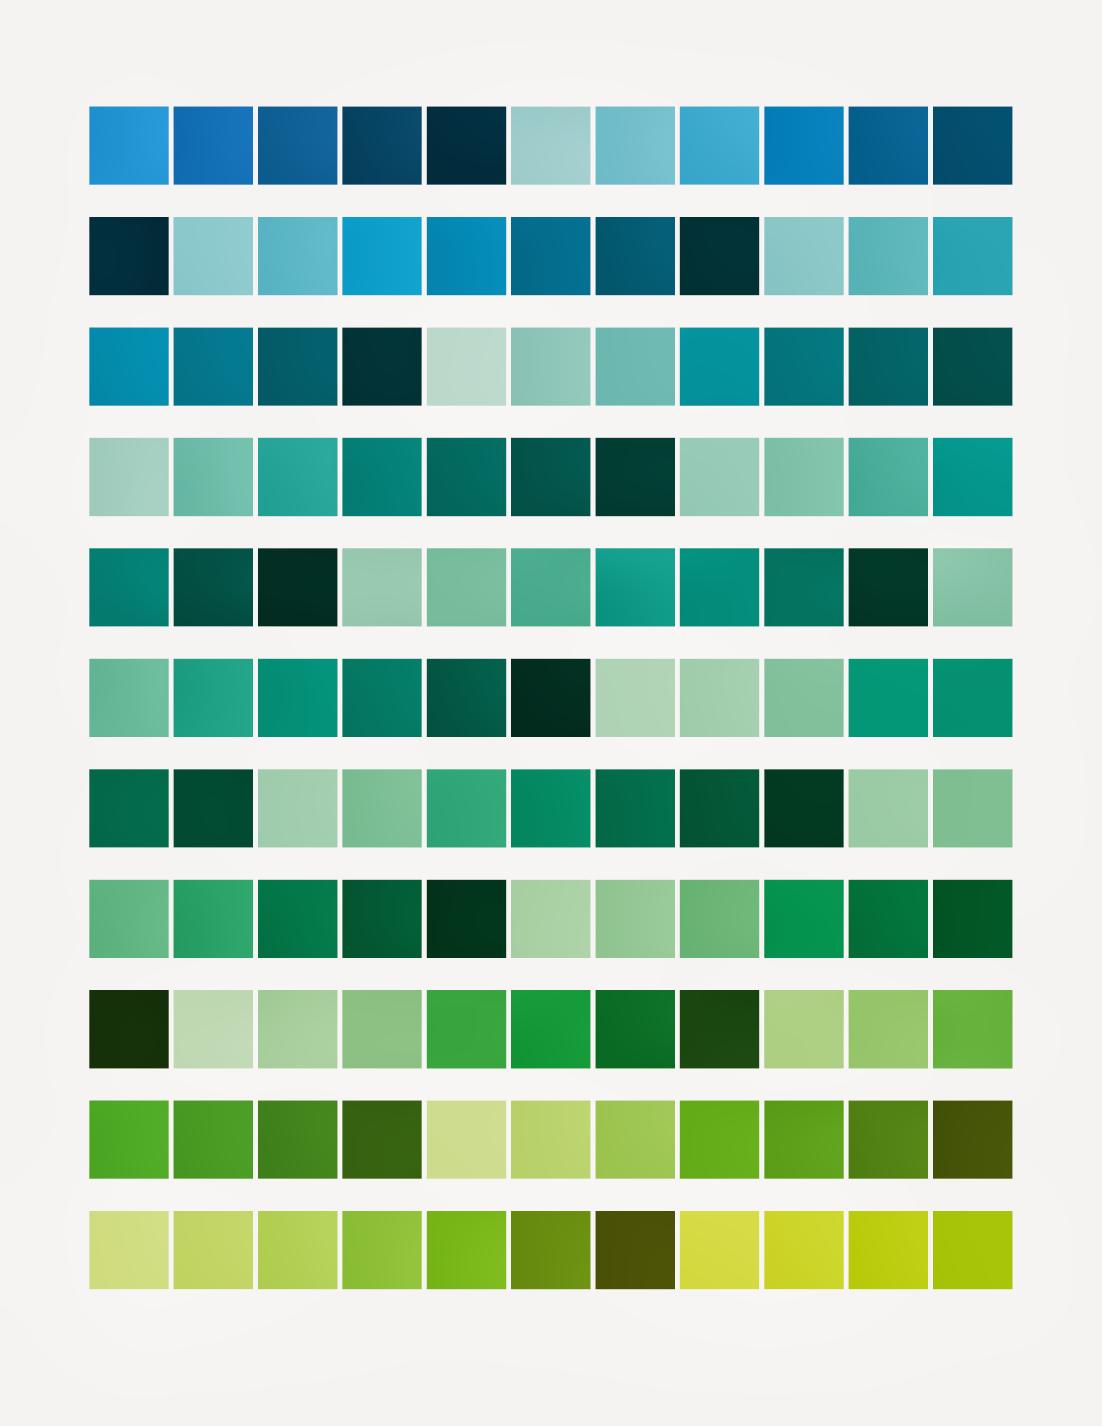 Anima outfit e peperoncino come abbinare il verde - Scale di colore ...